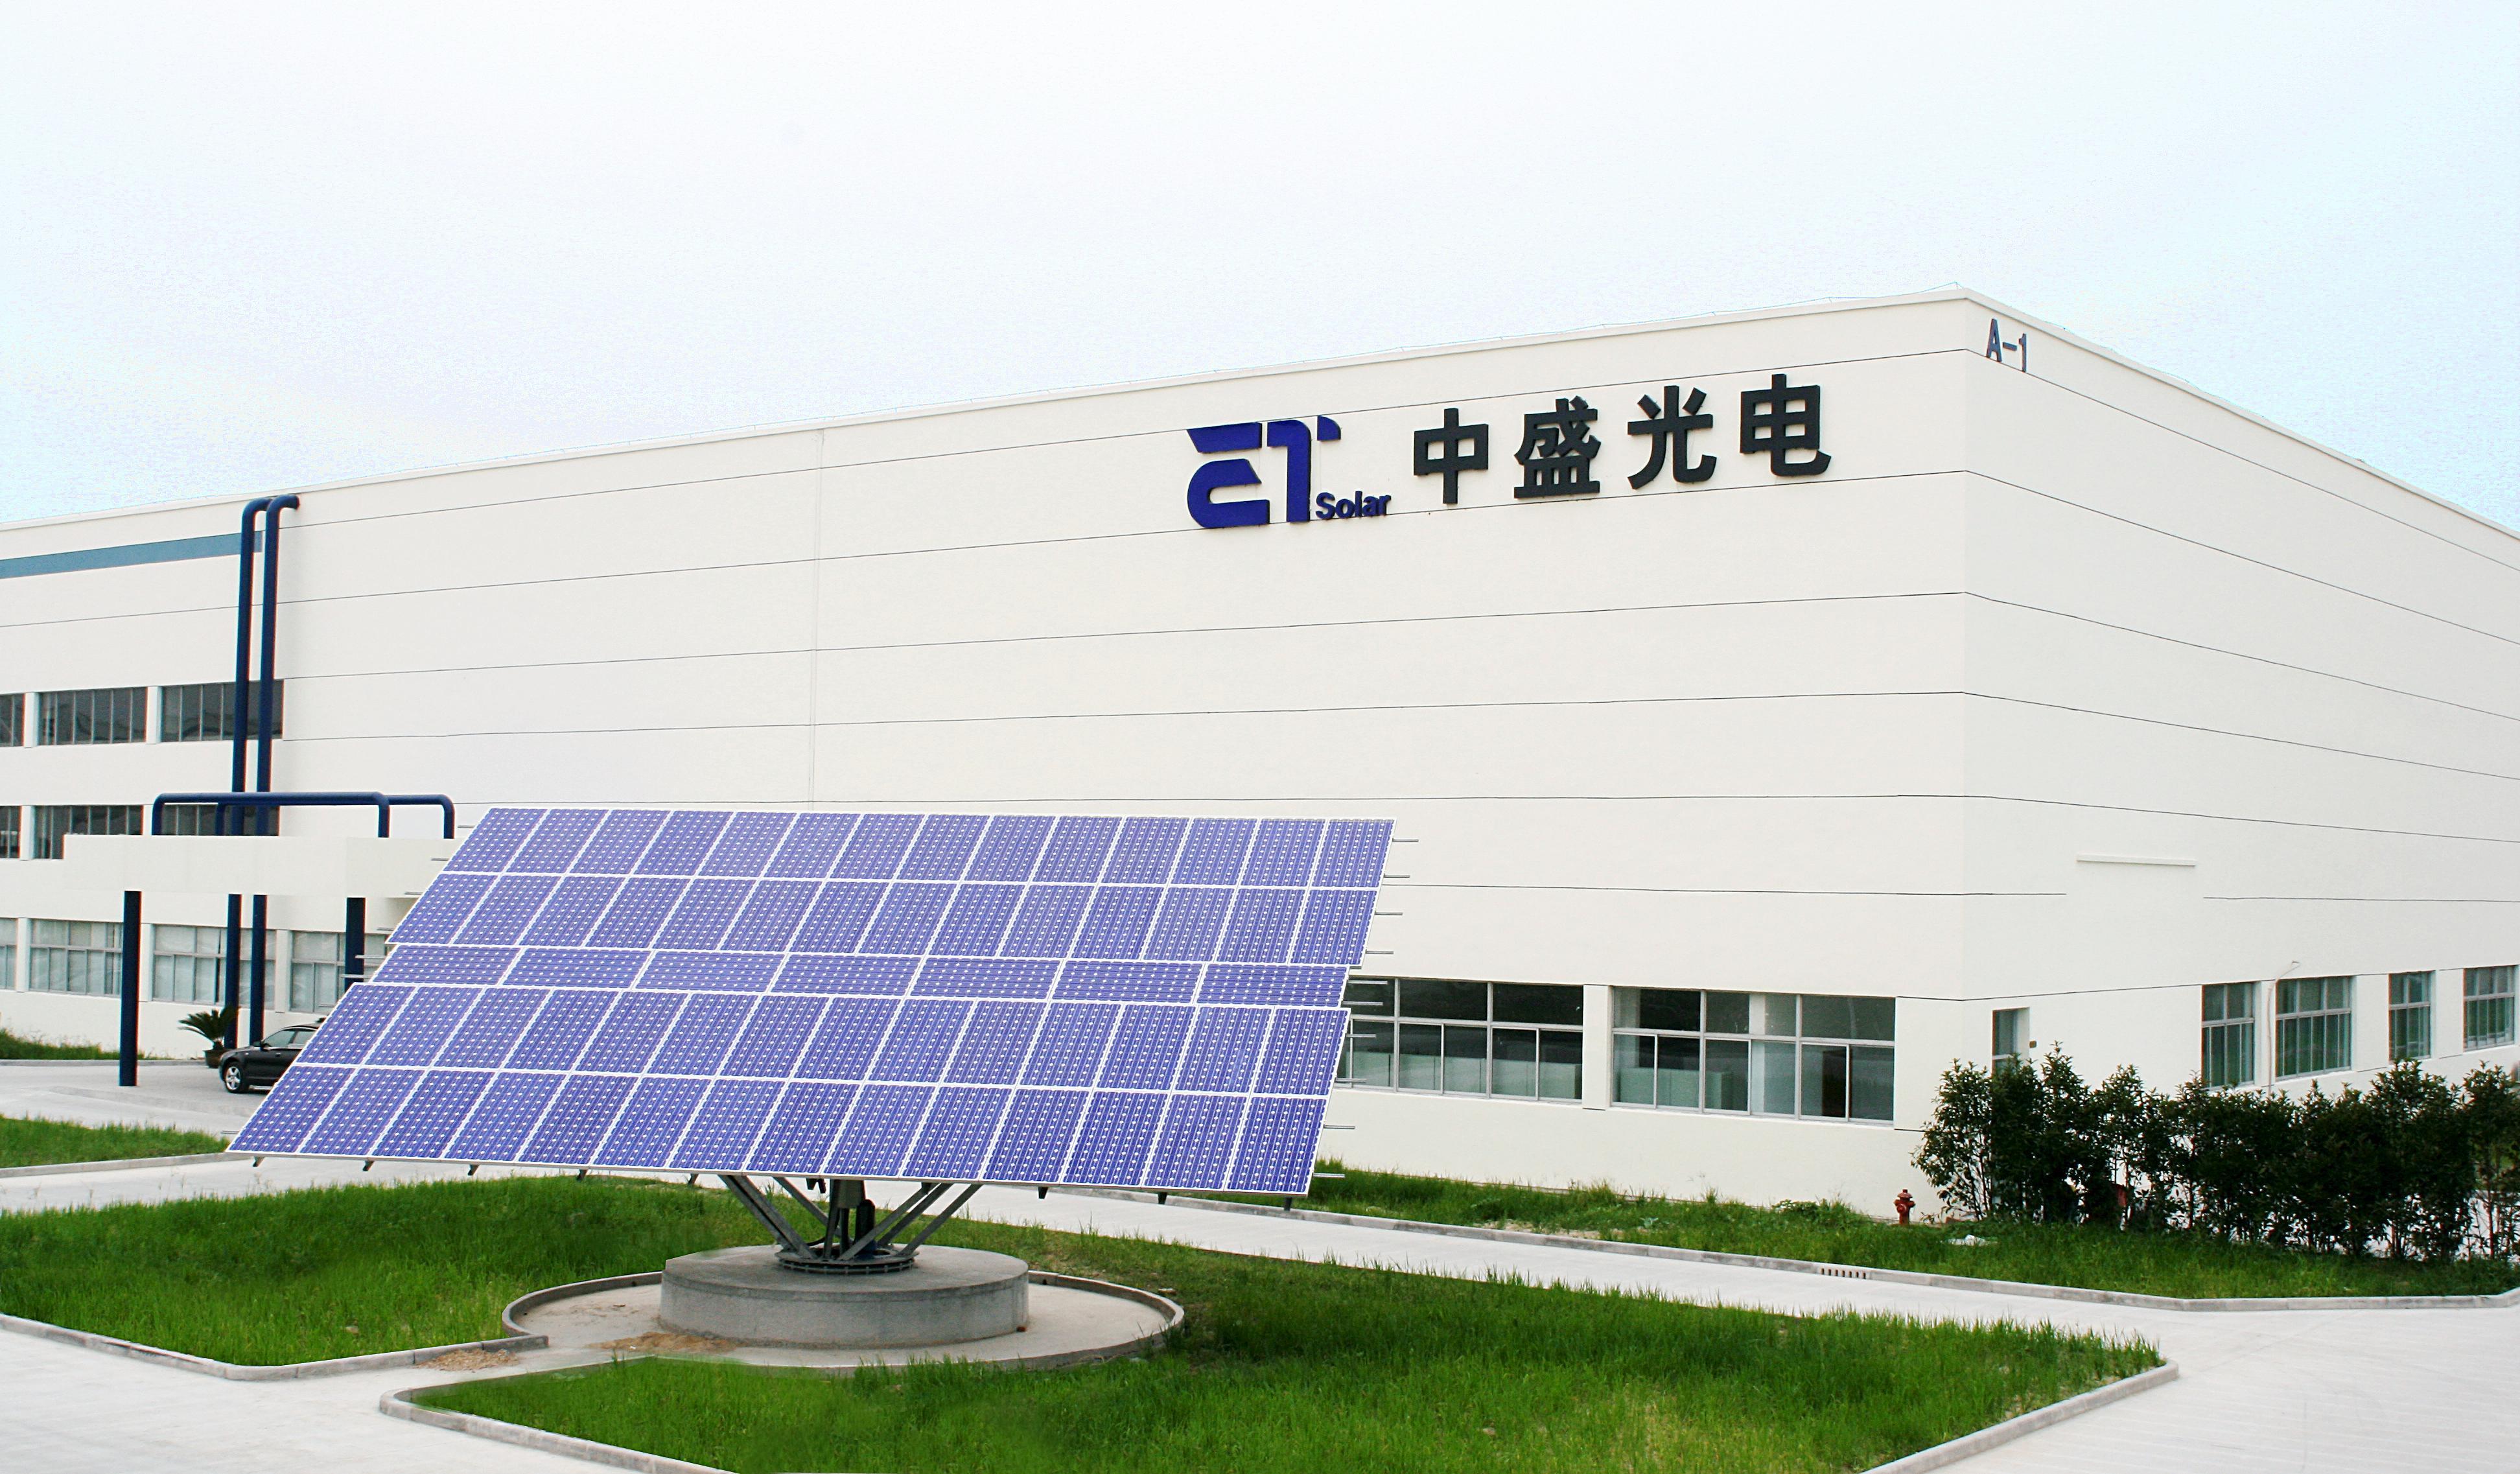 嘉泽新能拟购买中盛光电100%股权